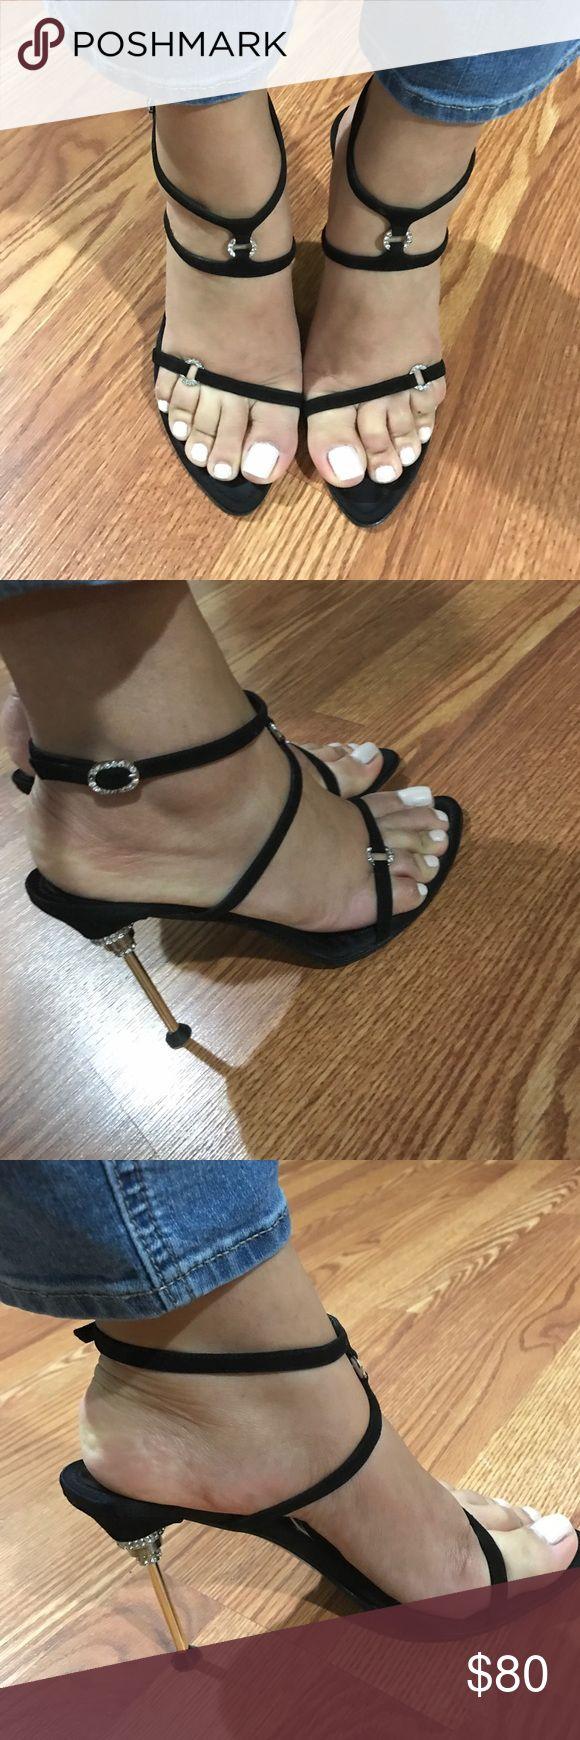 Sergio Rossi Strappy Heel Sergio Rossi Black Strappy Metal Heel with crystals Sergio Rossi Shoes Heels